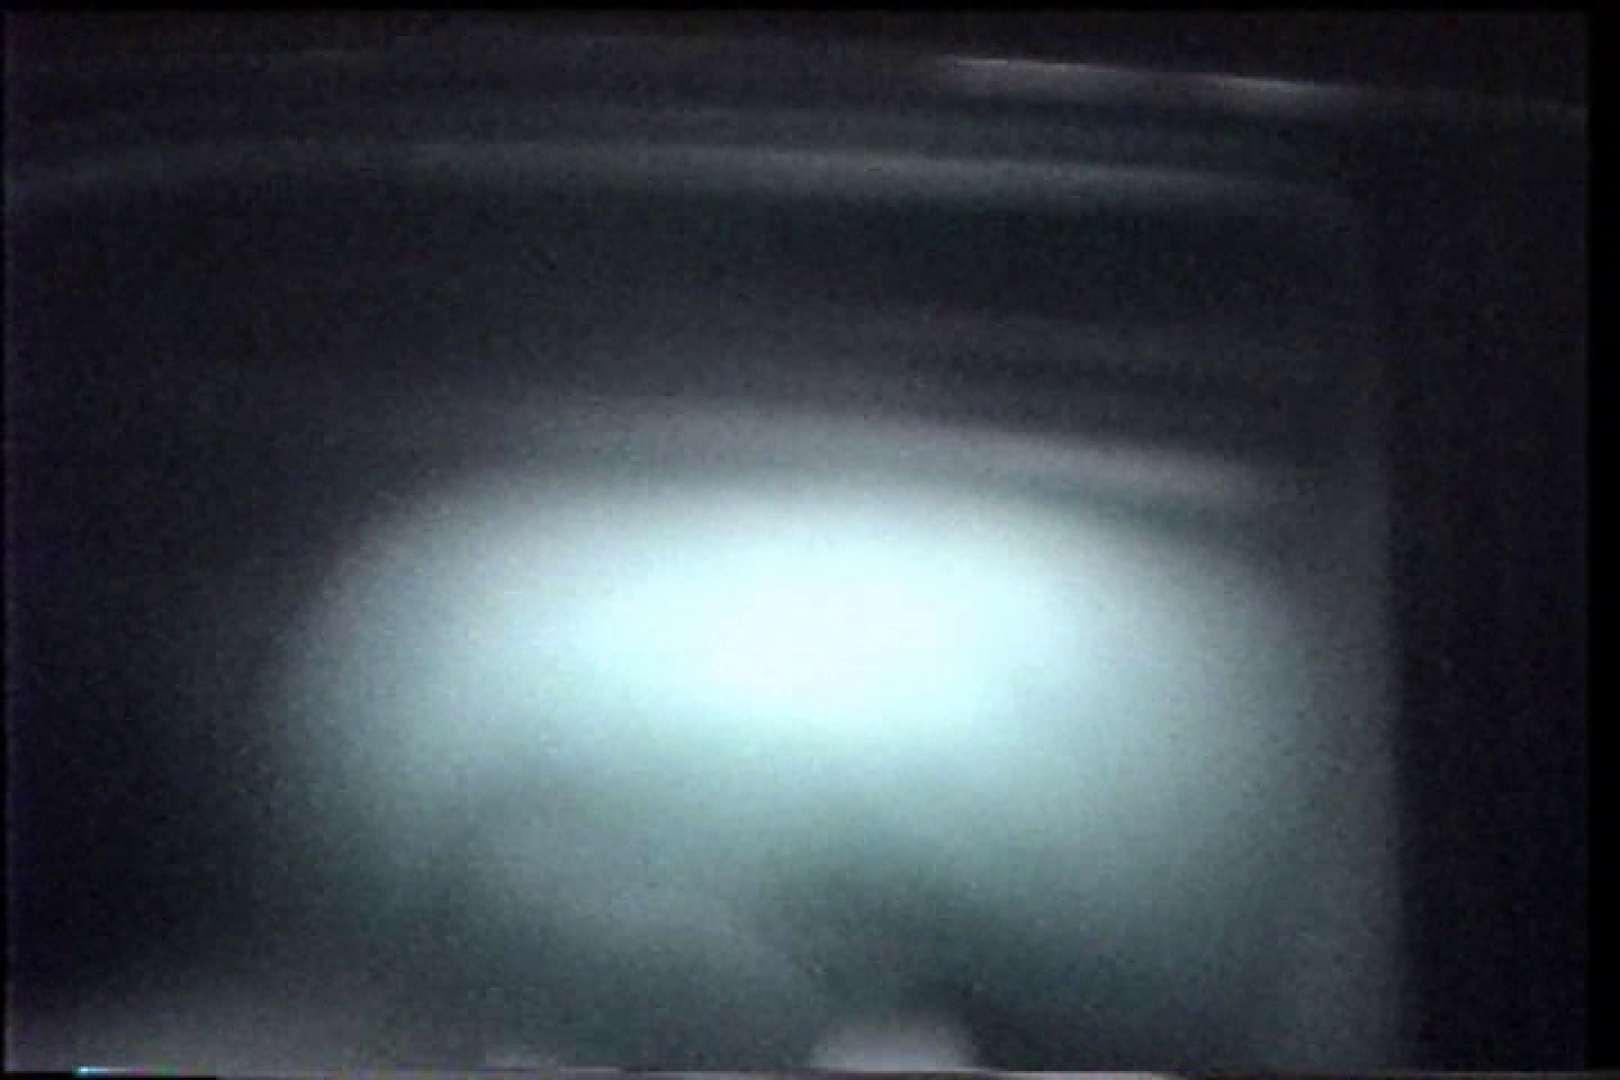 充血監督の深夜の運動会Vol.228 美乳   OLエロ画像  72PICs 43